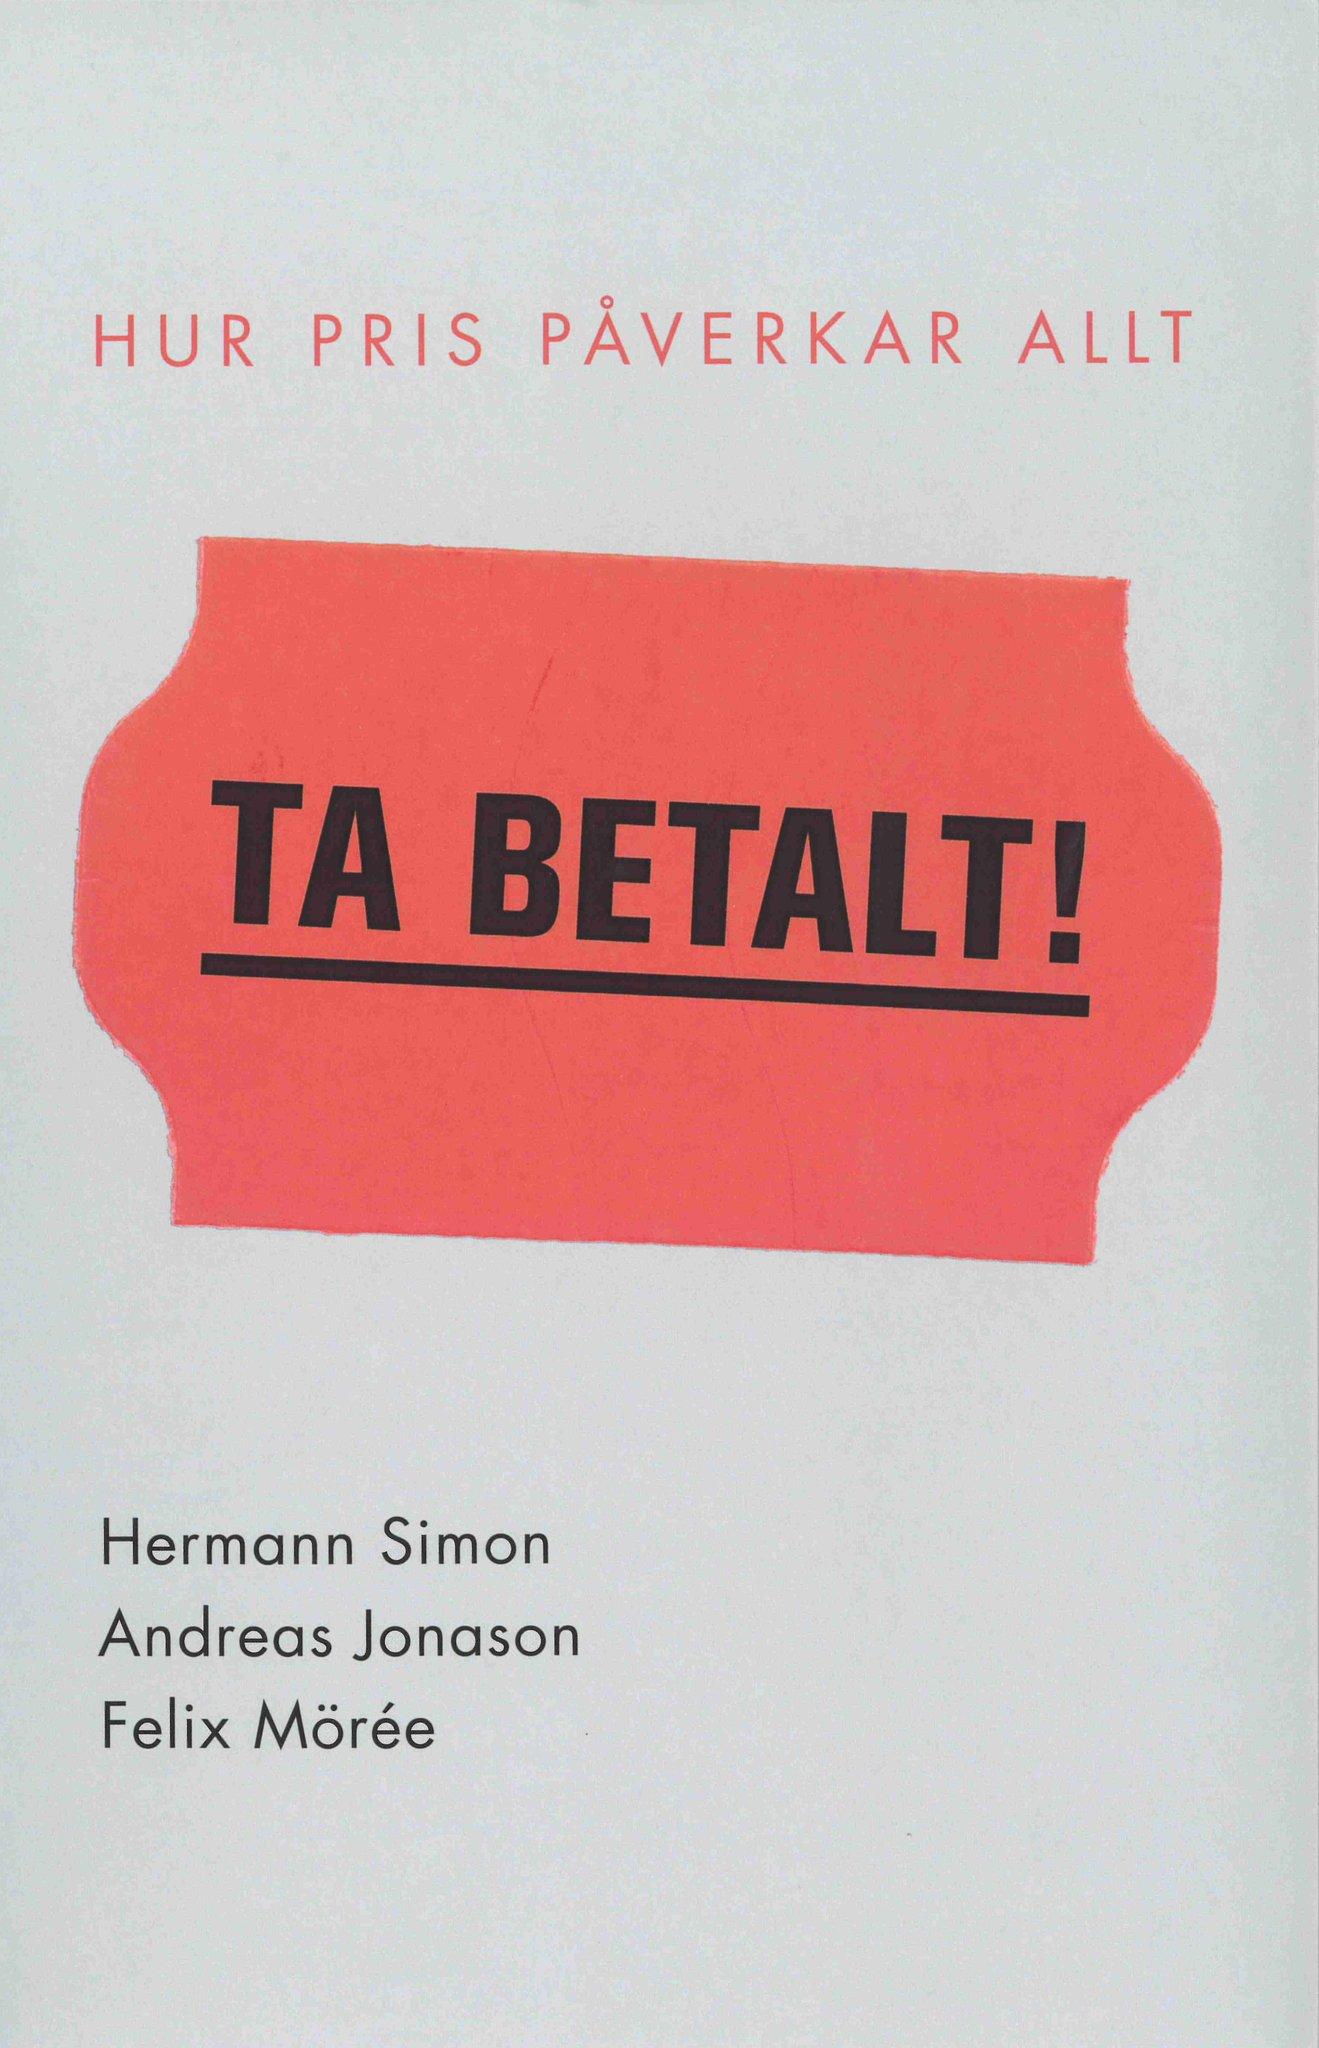 Thumbnail of https://twitter.com/HermannSimon/status/1121353226002030592